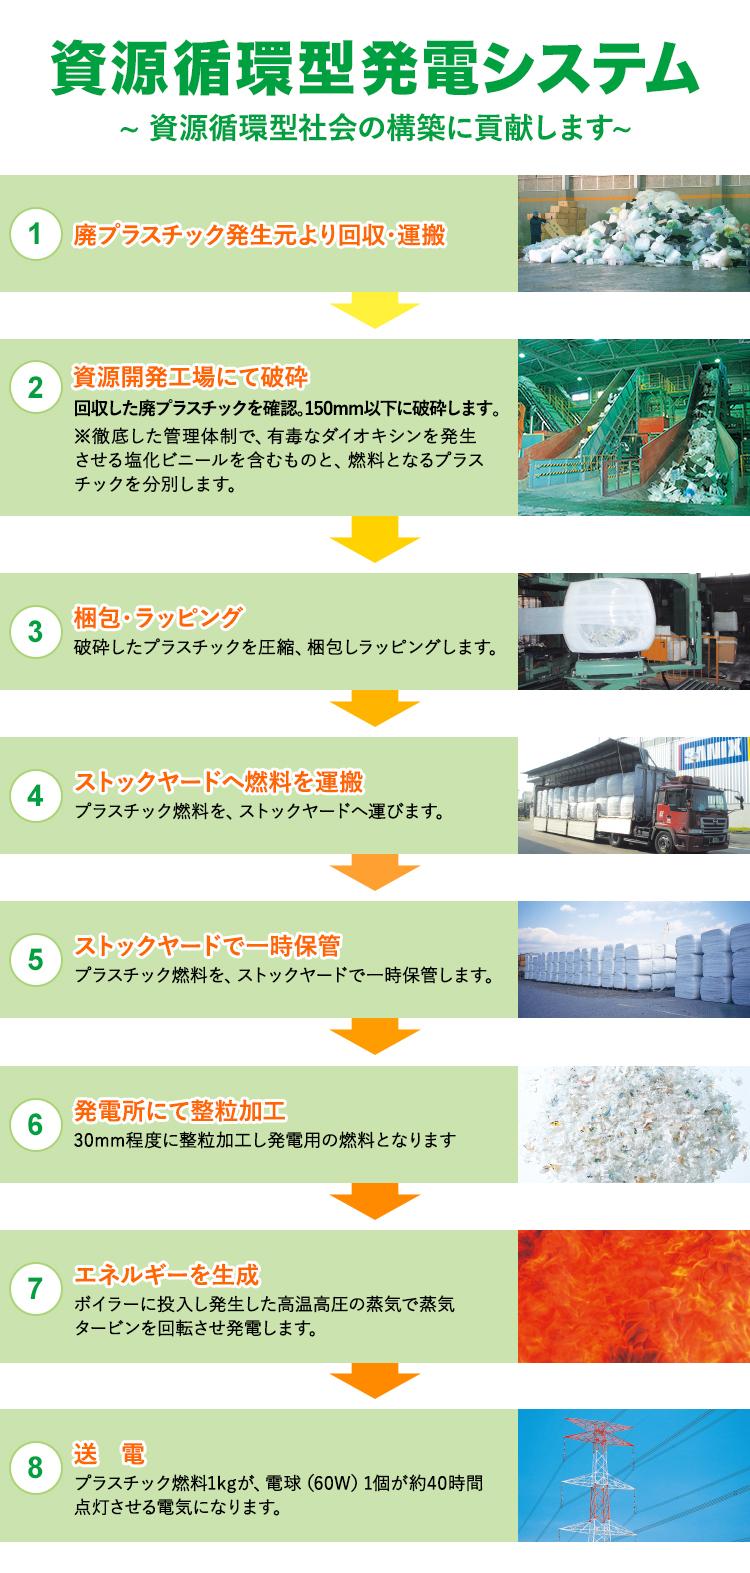 廃プラスチックの回収・燃料化から発電まで